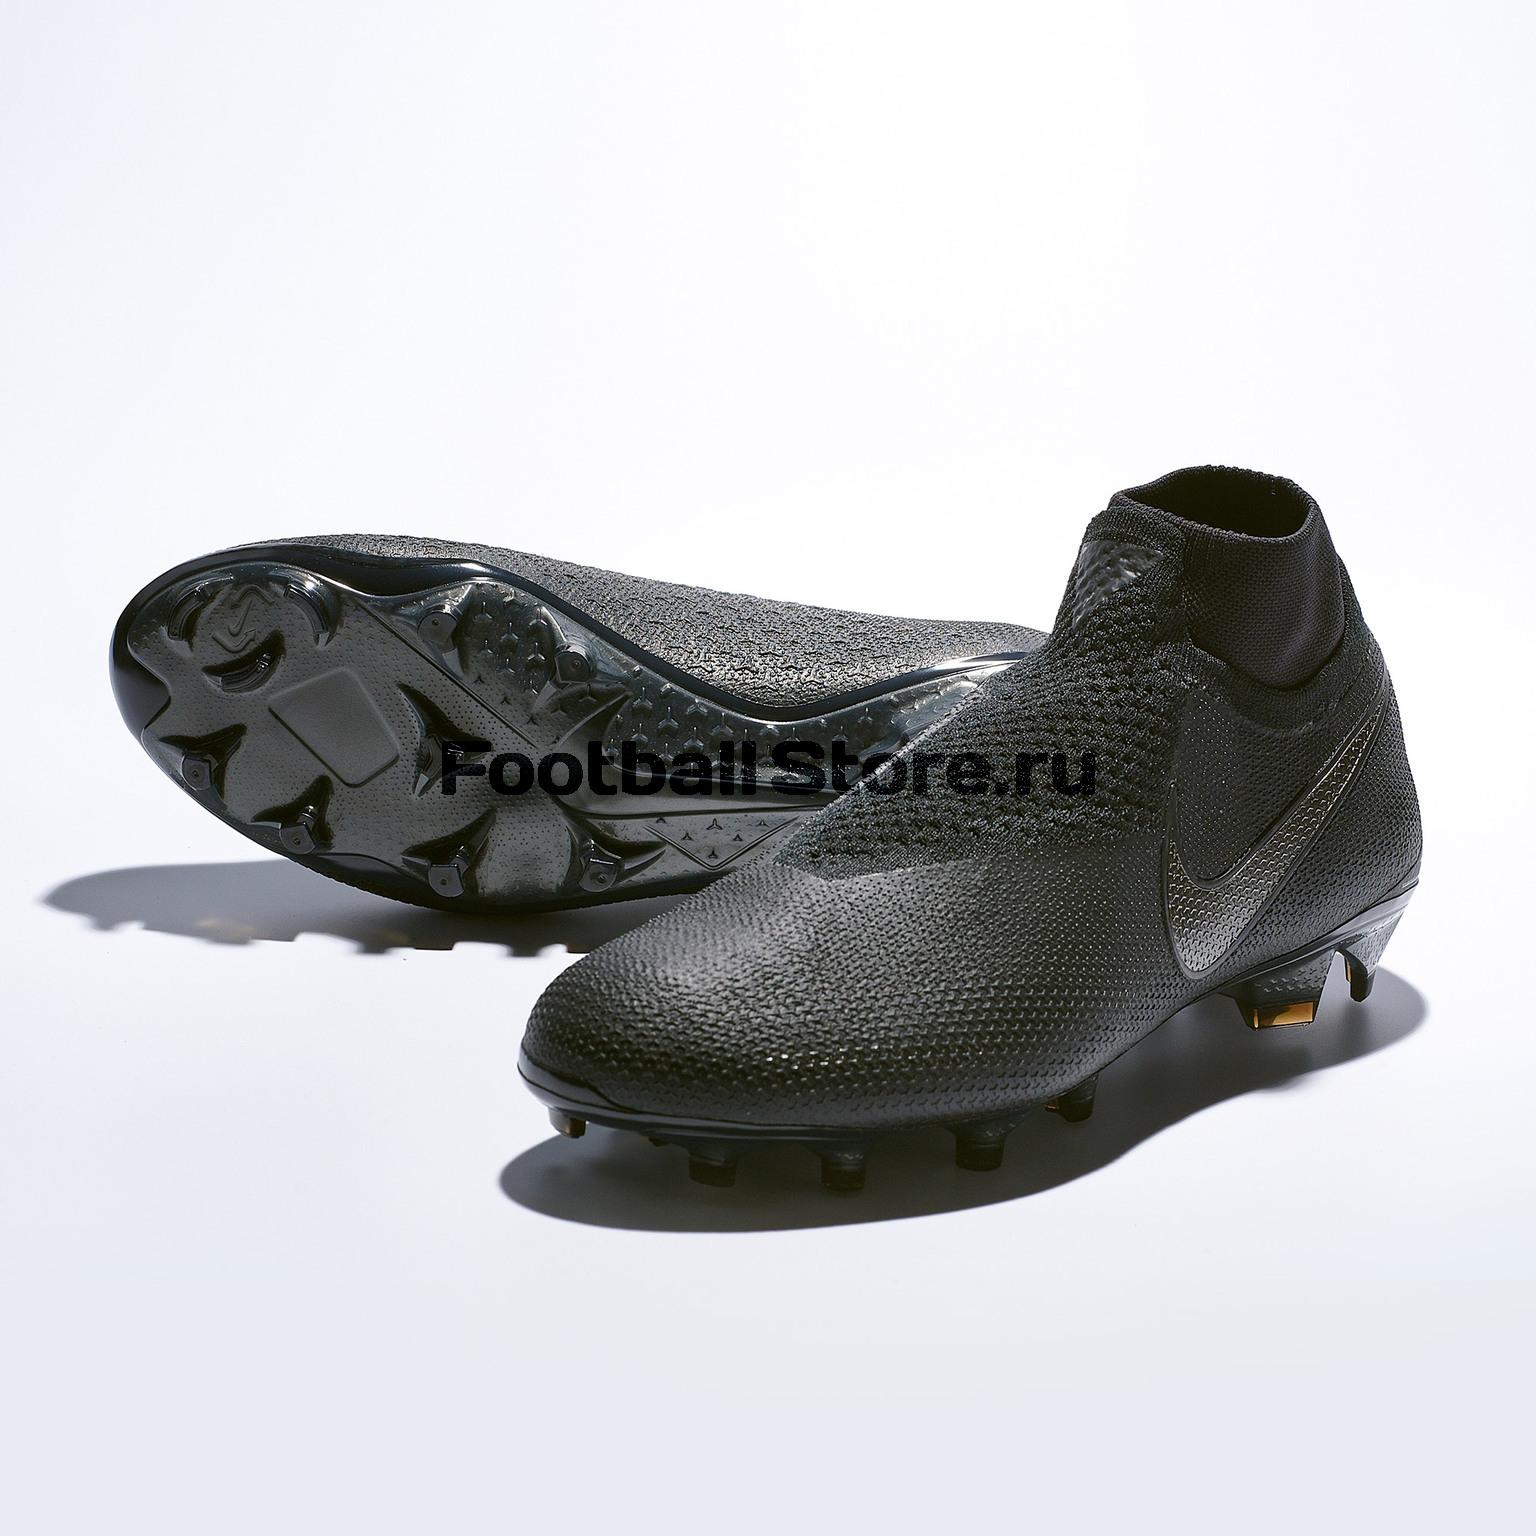 Бутсы Nike Phantom Vision Elite DF FG AO3262-001 бутсы детские nike phantom vision elite df fg mg ao3289 600